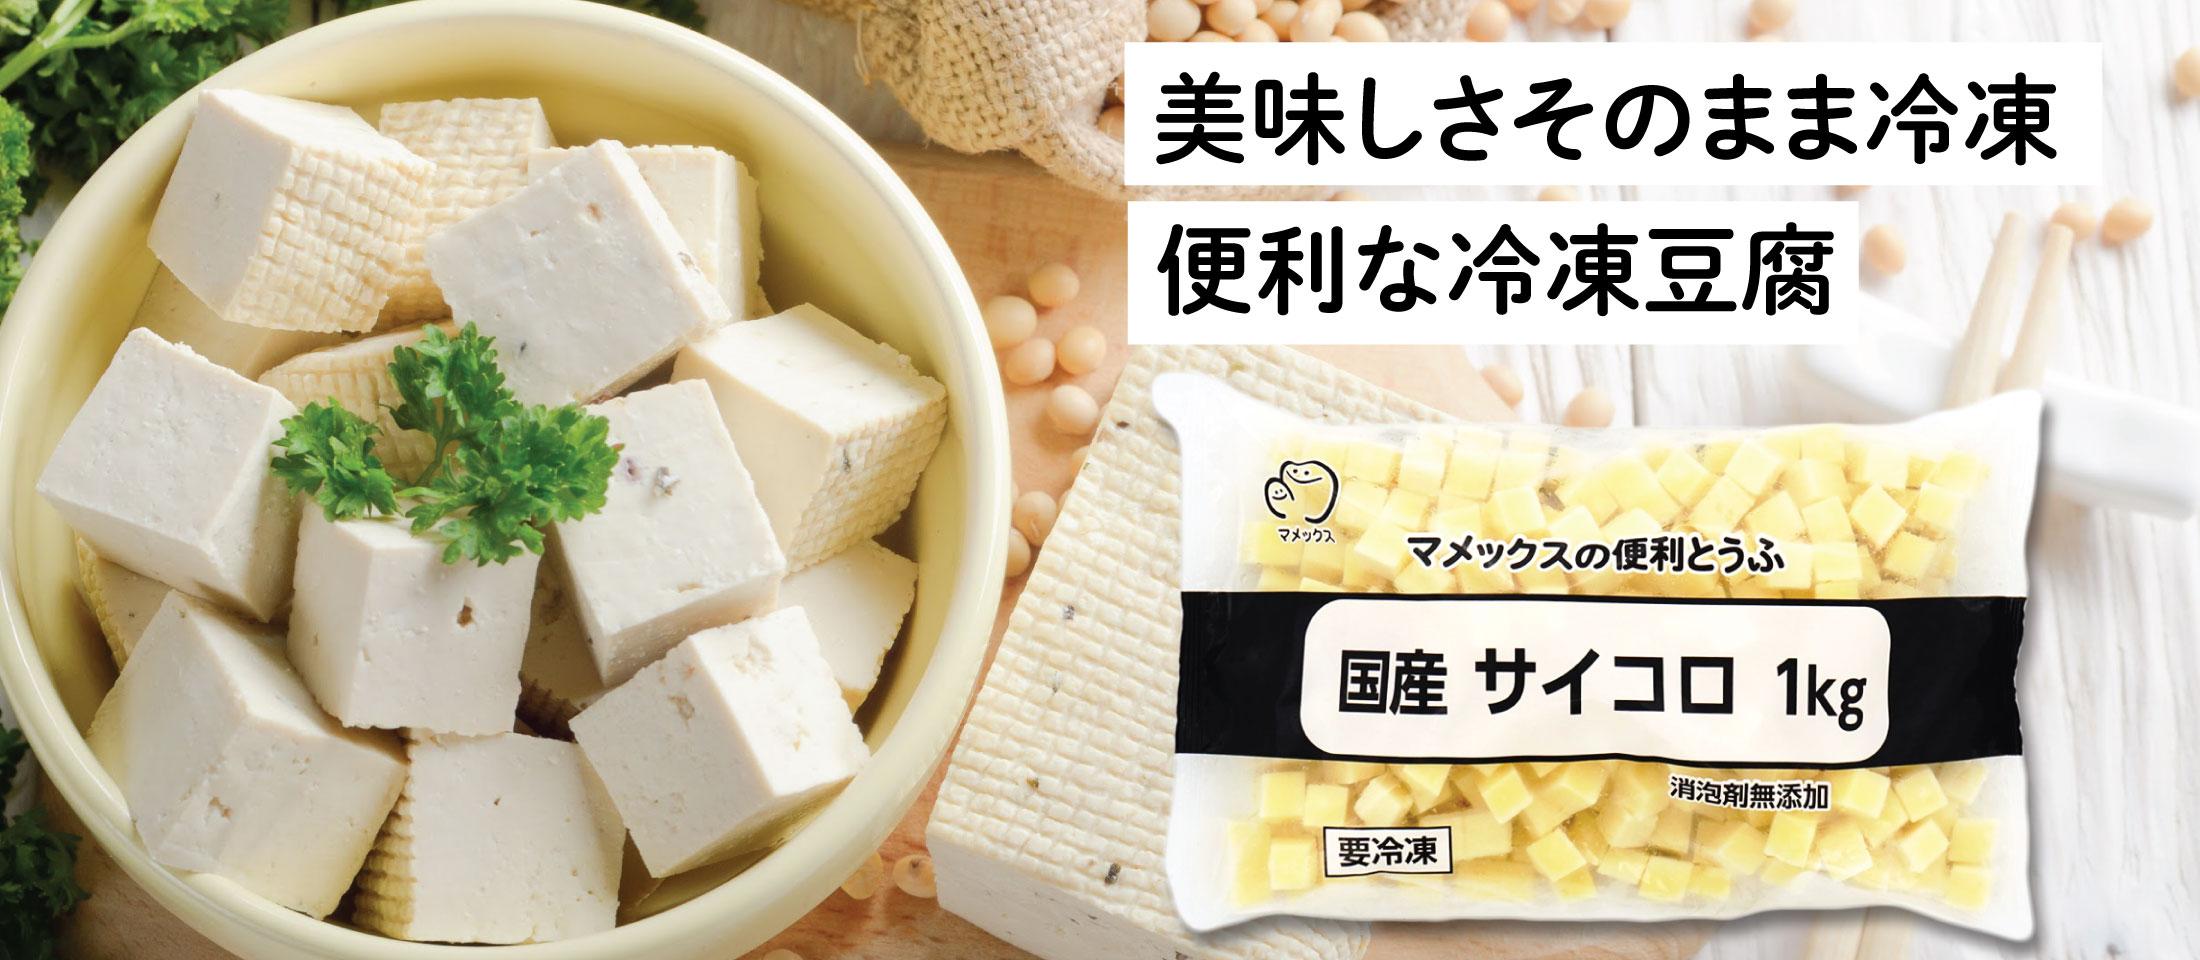 美味しさそのまま冷凍! 便利な冷凍豆腐マメックス特集 業務用食品・冷凍食品通販 ナカヤマフーズオンライン